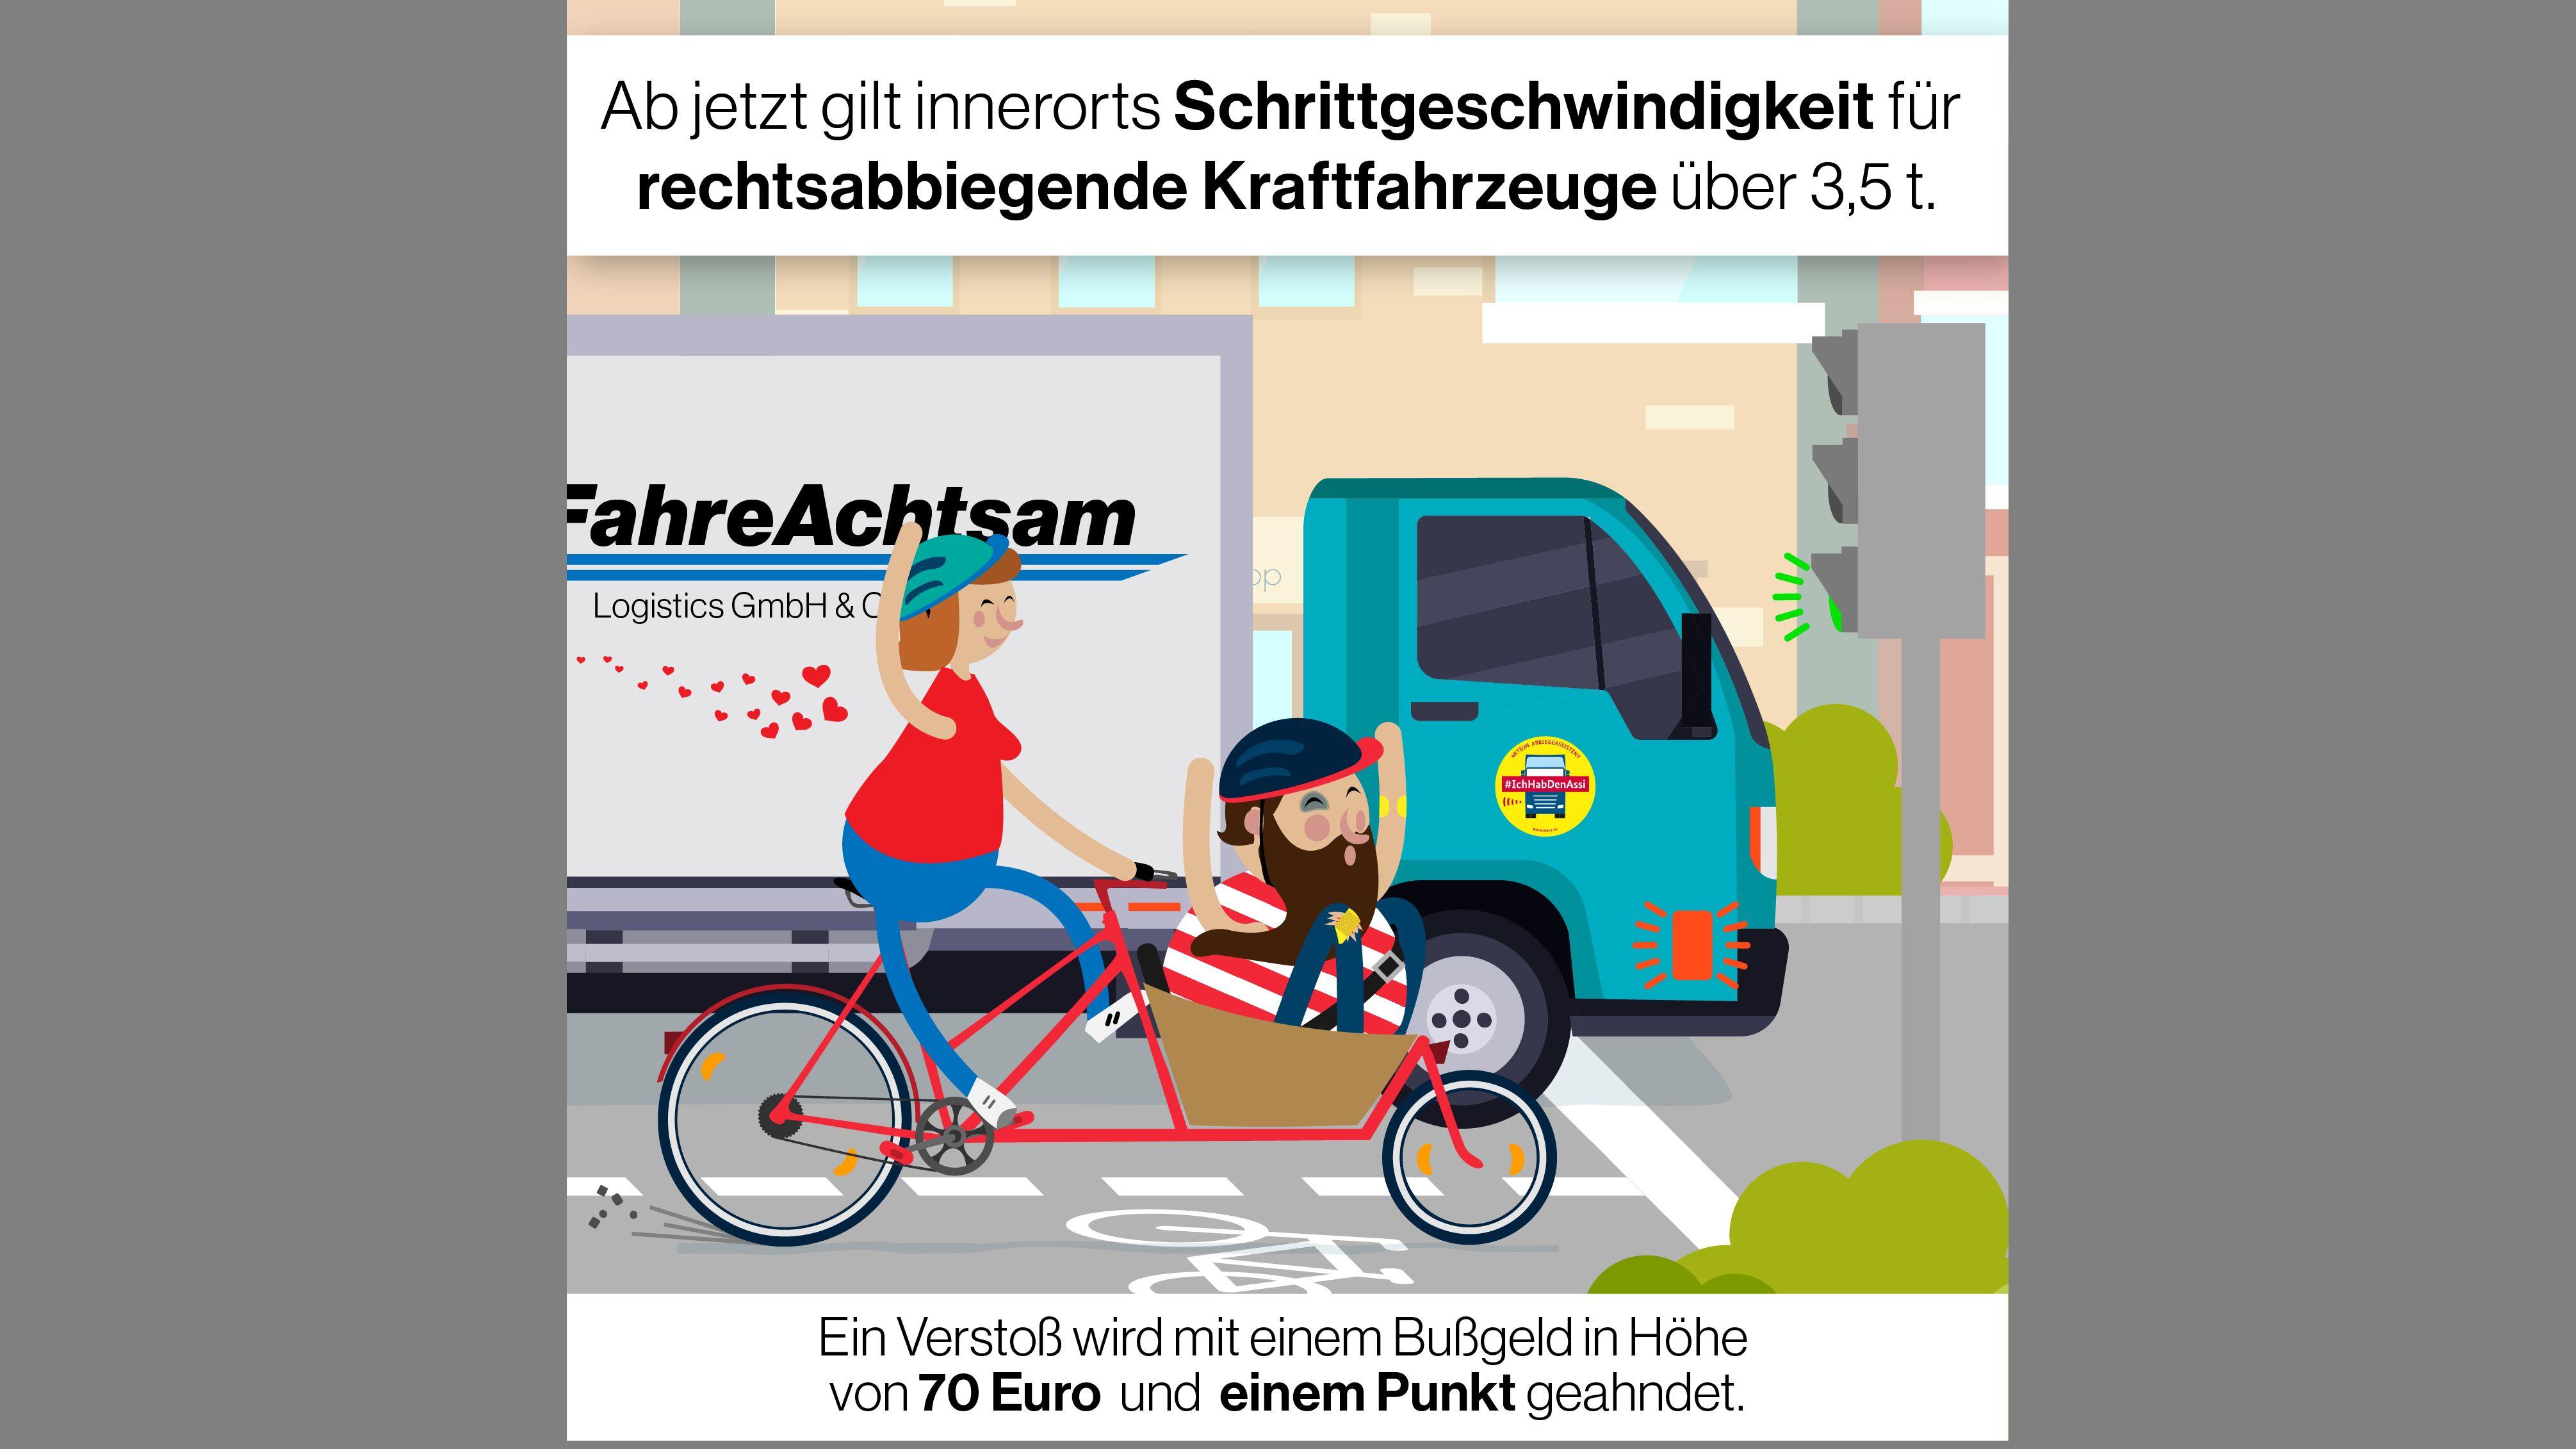 Grafik zu den neuen Verkehrsregeln: Schrittgeschwindigkeit beim Rechtsabbiegen für Fahrzeuge über 3,5 t.